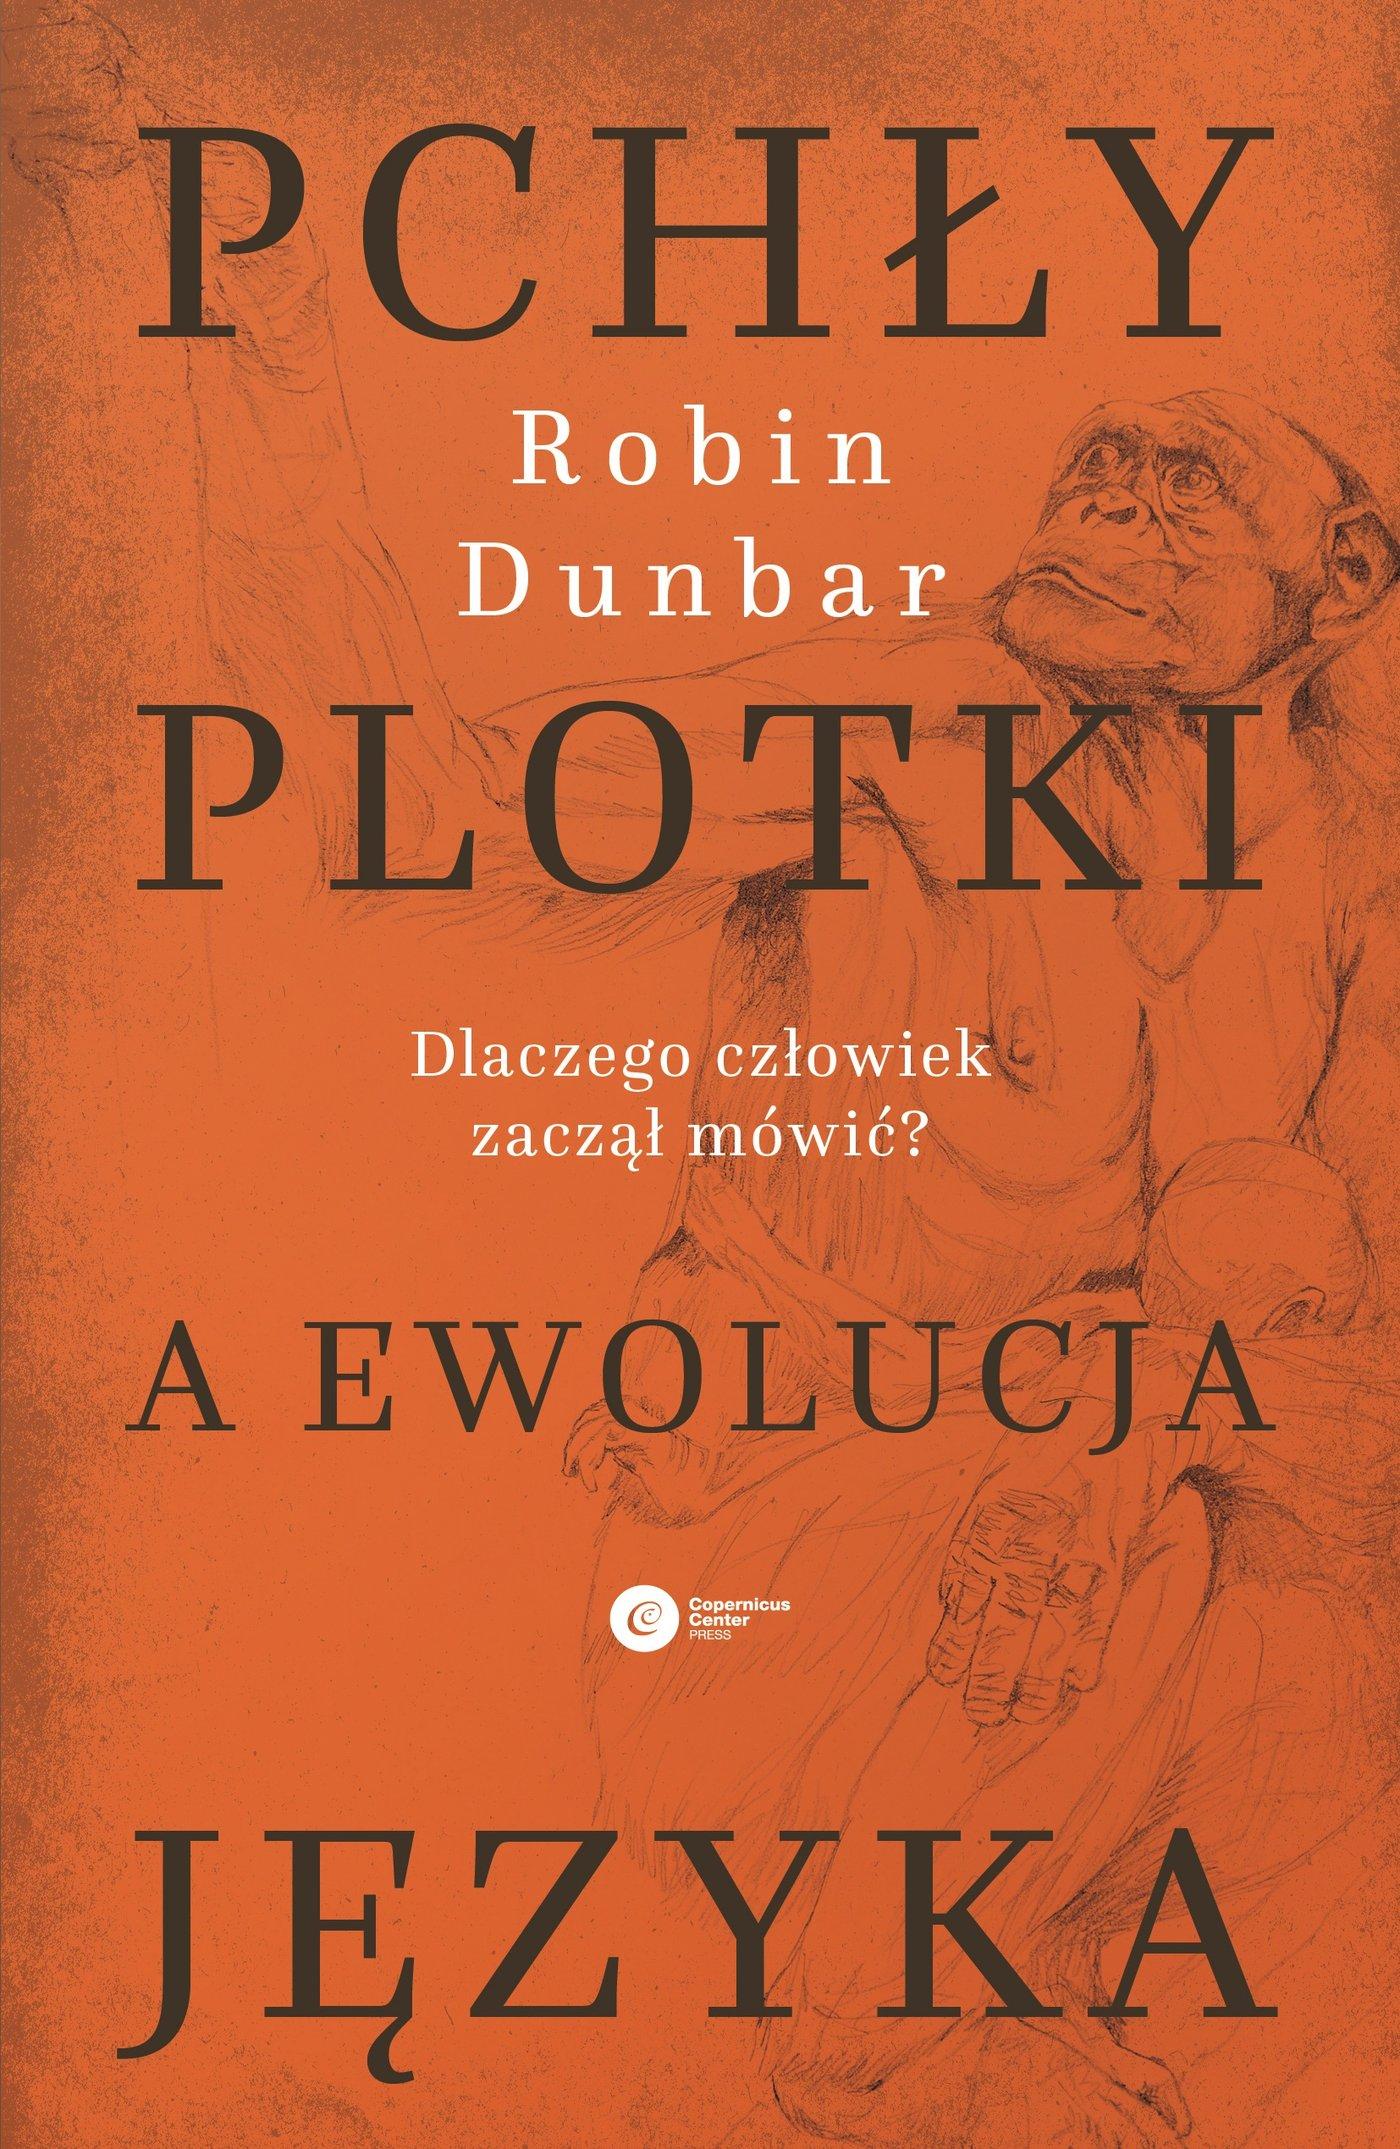 Pchły, plotki a ewolucja języka - Ebook (Książka EPUB) do pobrania w formacie EPUB